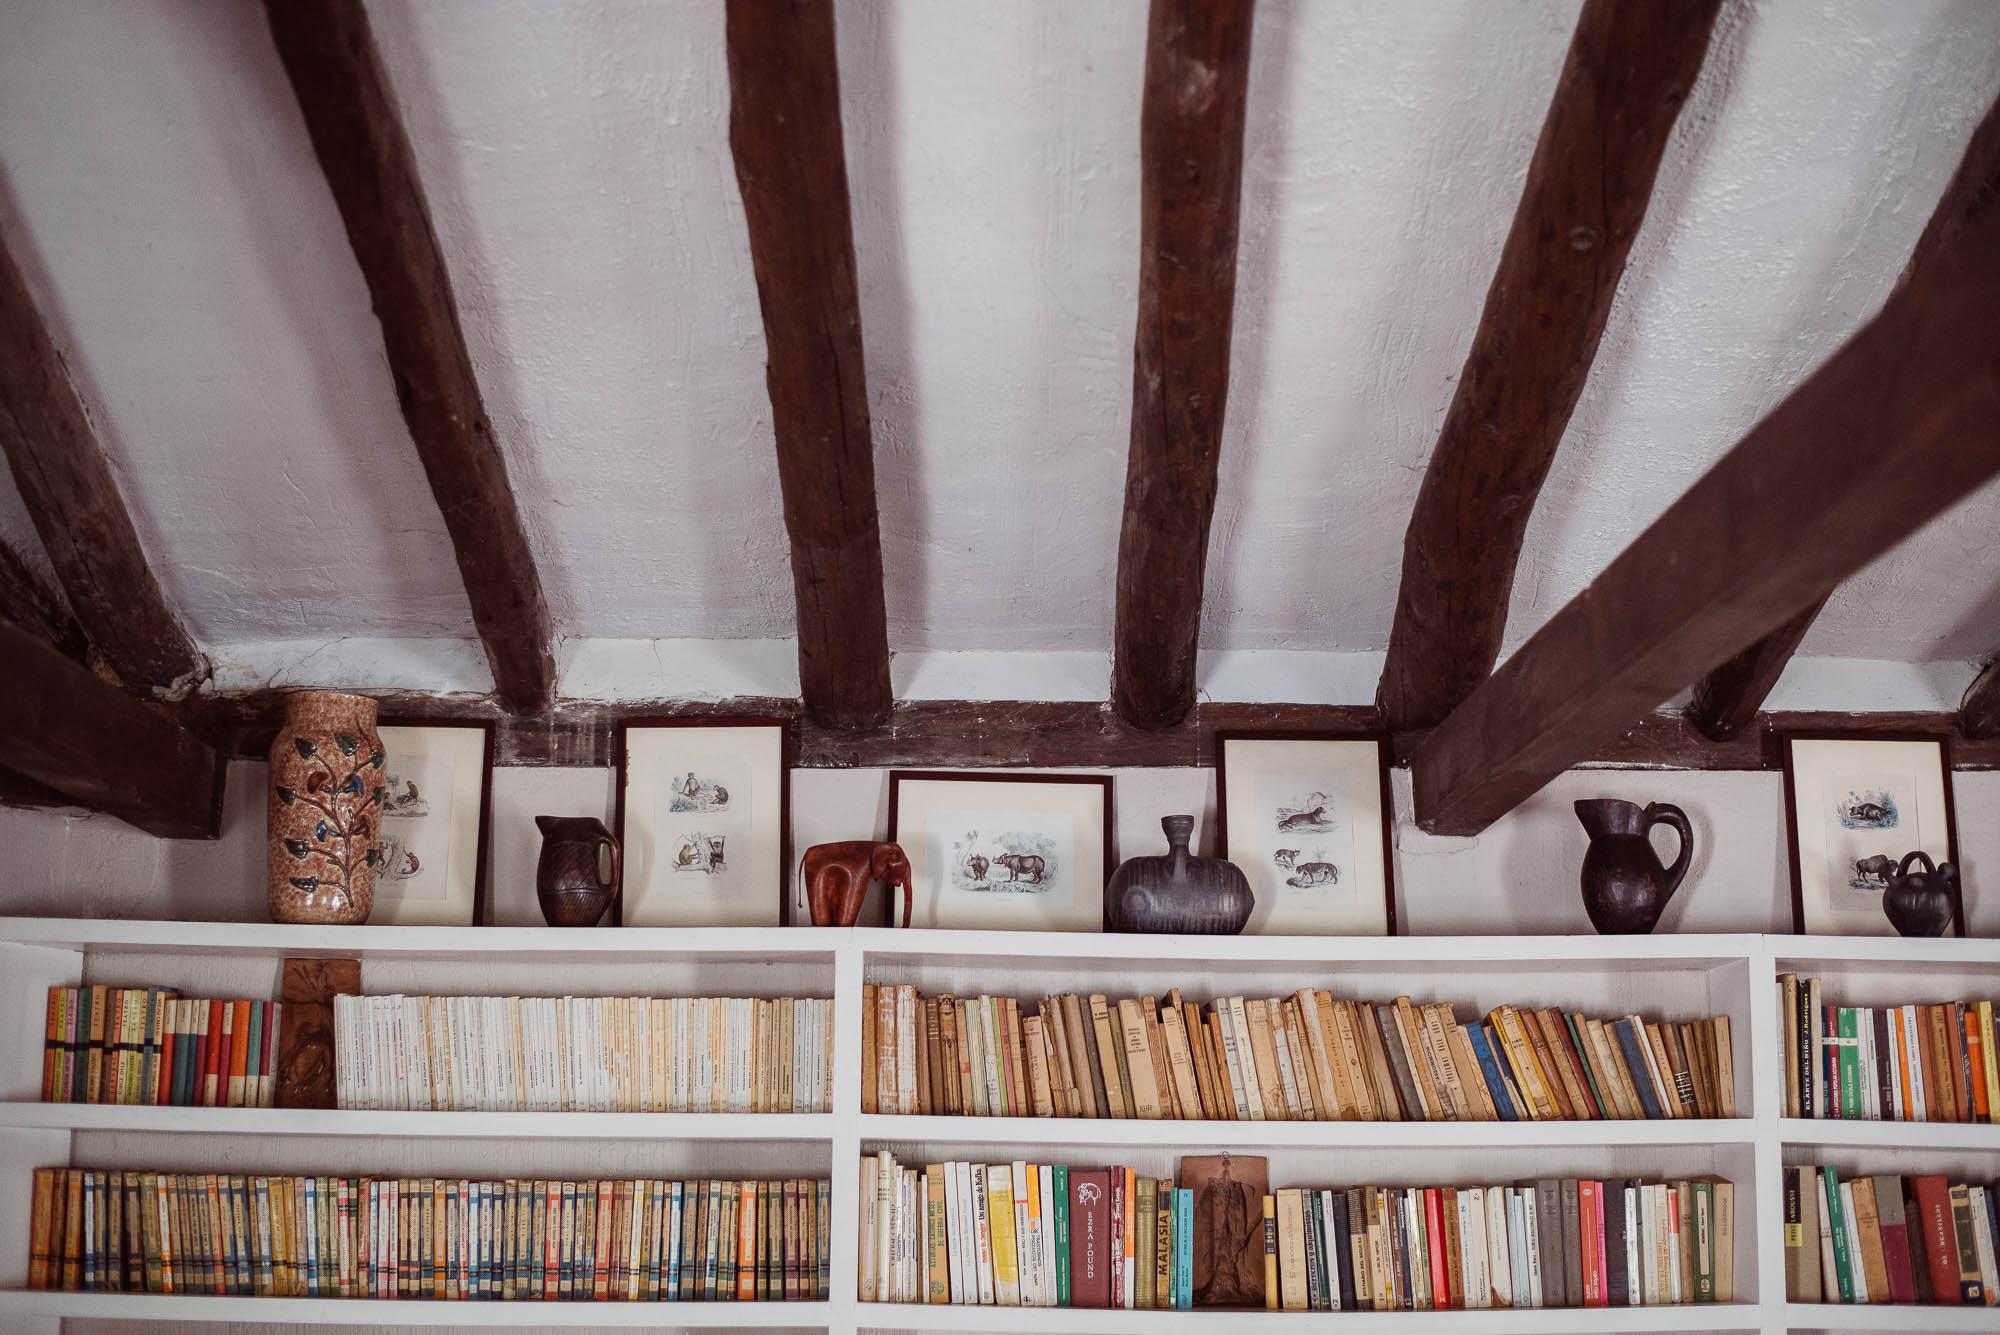 Biblioteca en la casa rural durante los preparativos de los novios